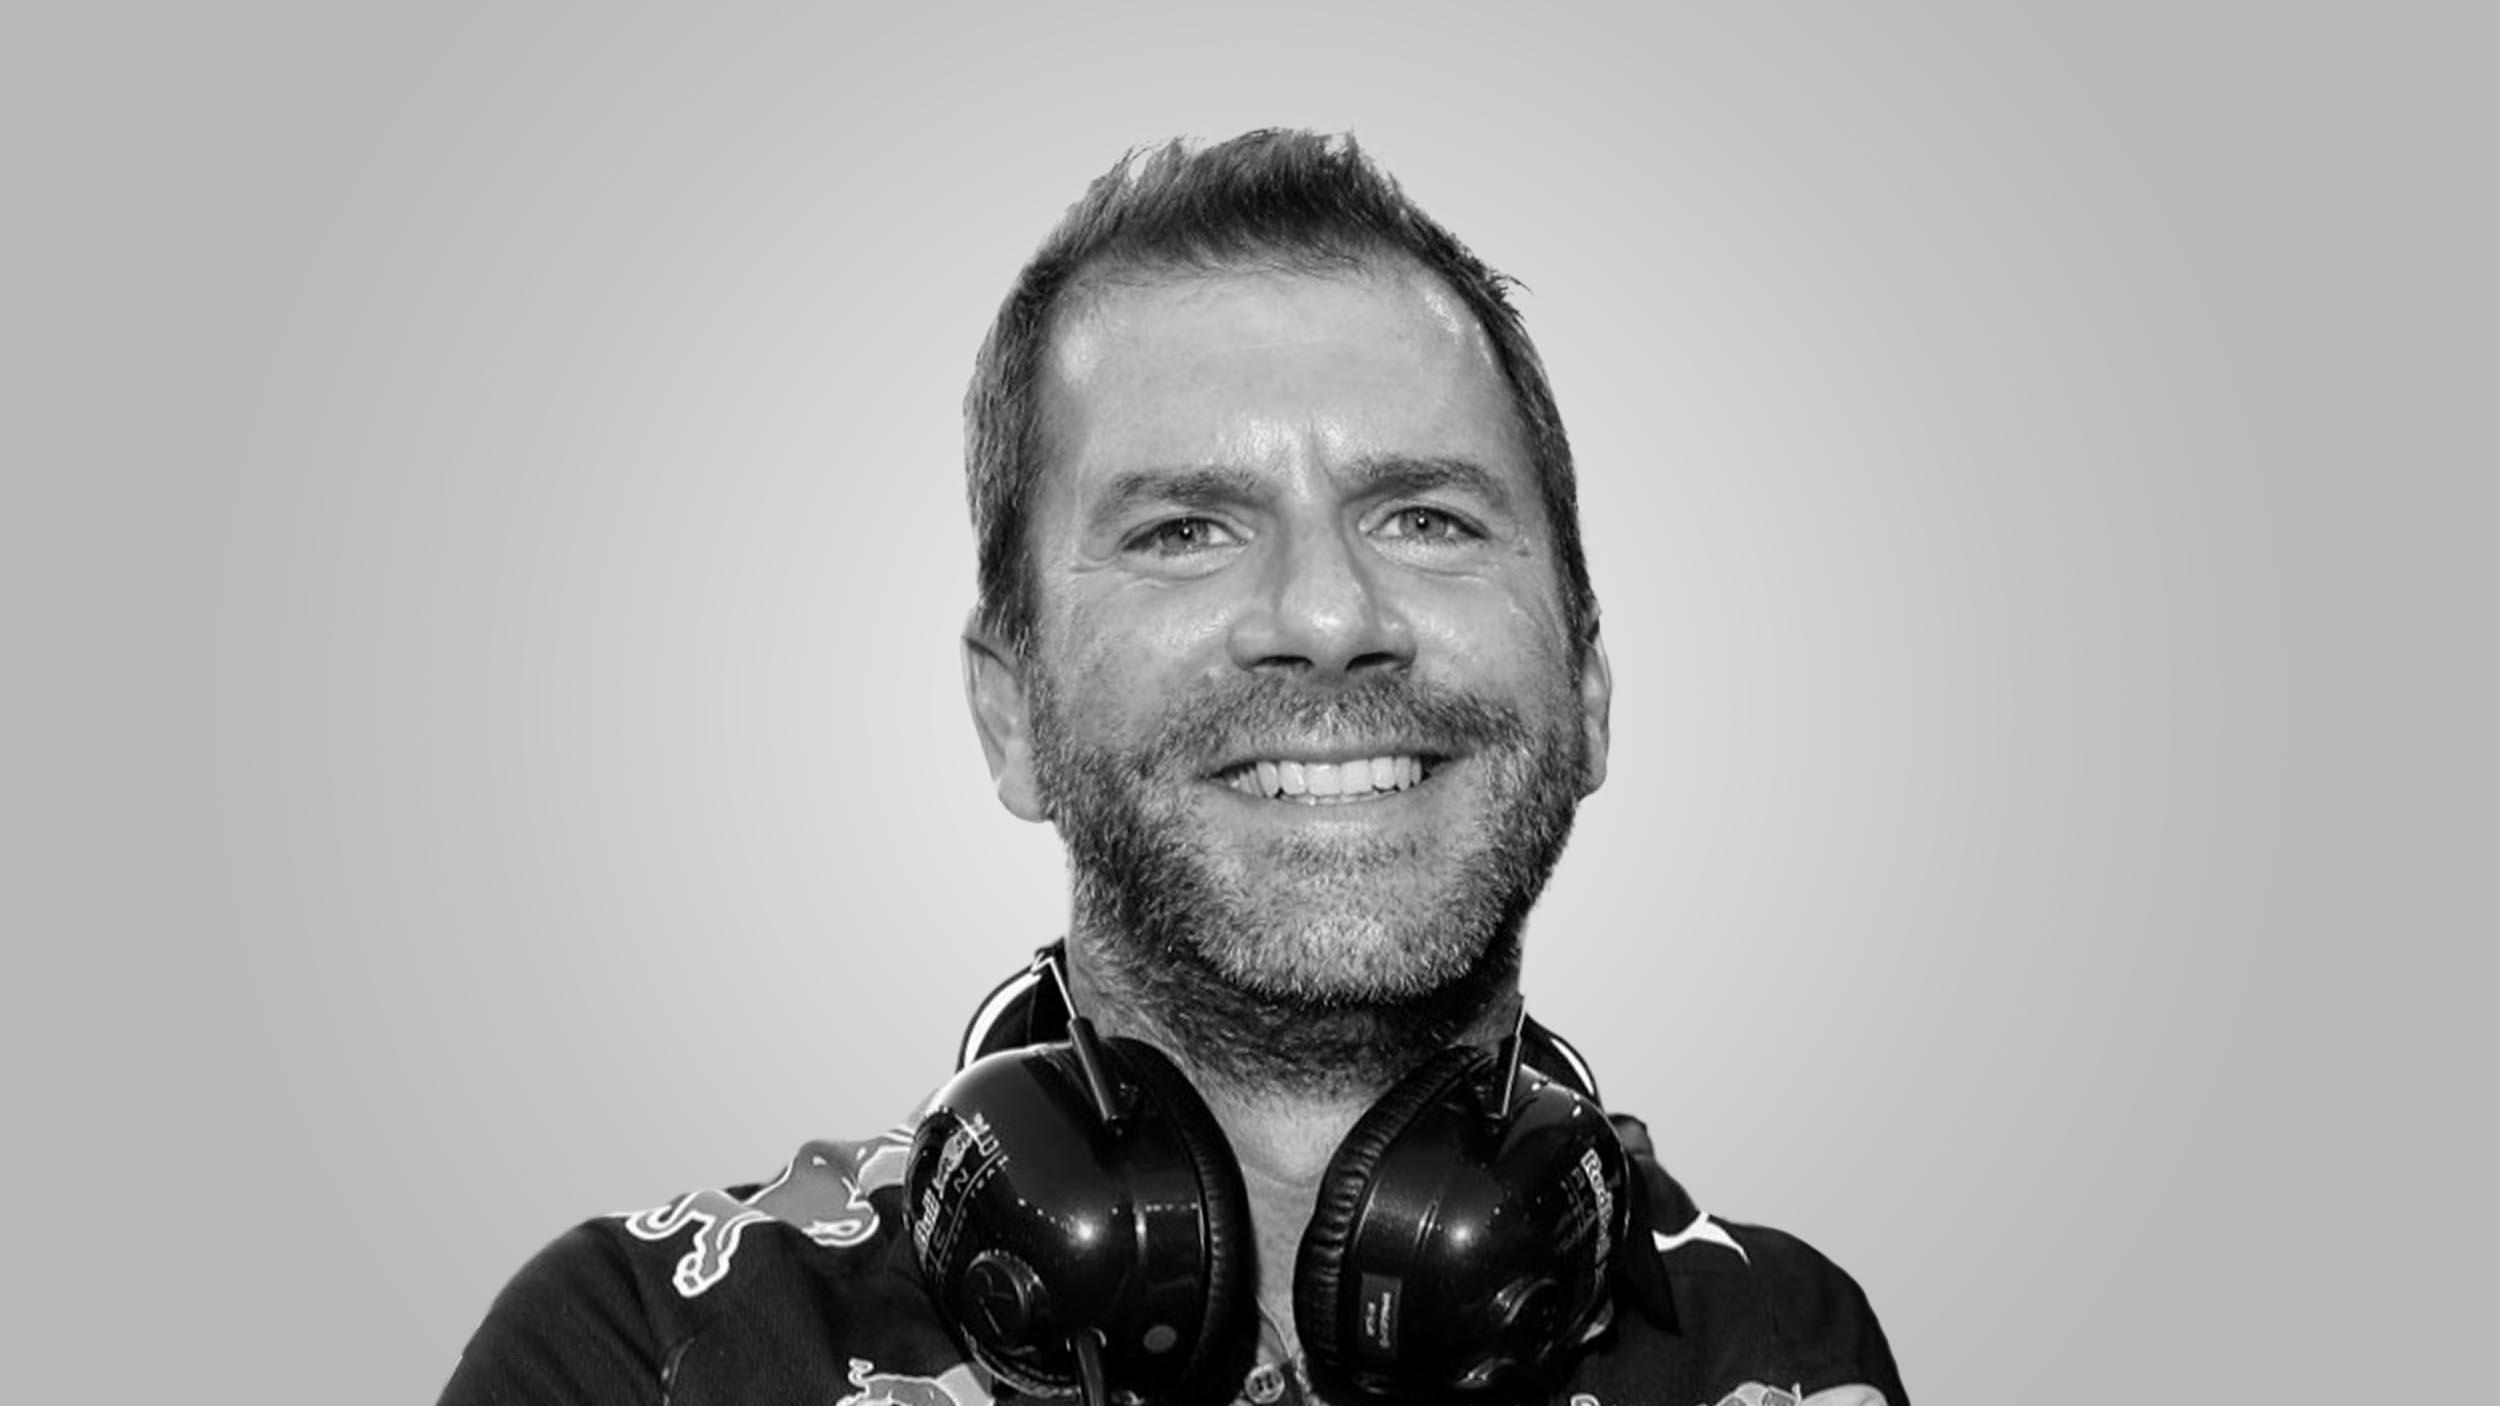 Dominik Mitsch